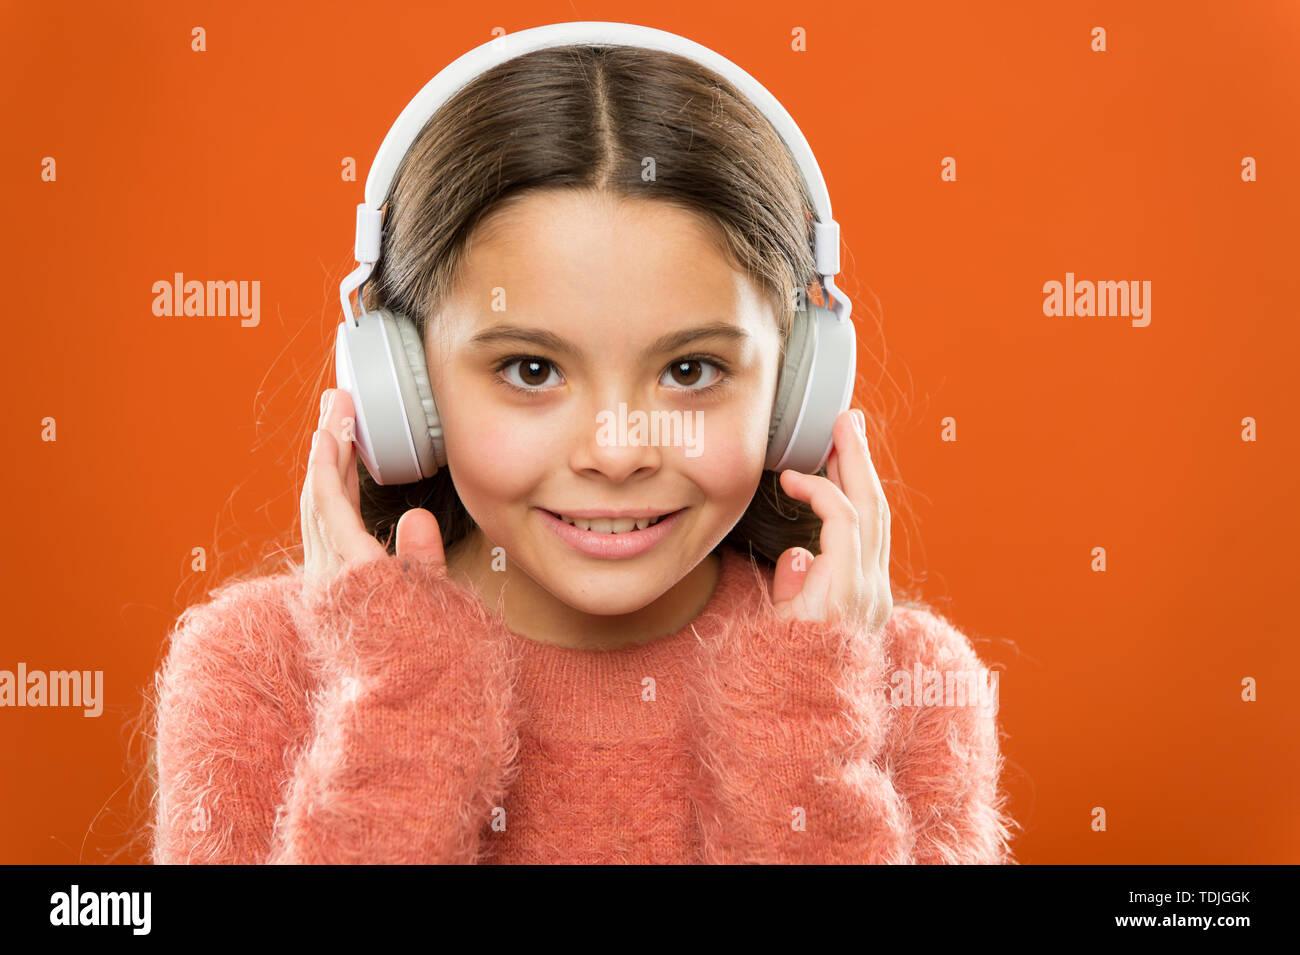 Moderne Musik ist Ihr Leben und Vergnügen. Kleines, modernes Mädchen mit Bluetooth® Kopfhörer. Kleines Kind hören von Musik im Alltag. Mit moderner Technologie im täglichen Leben. Das moderne Leben. Stockbild